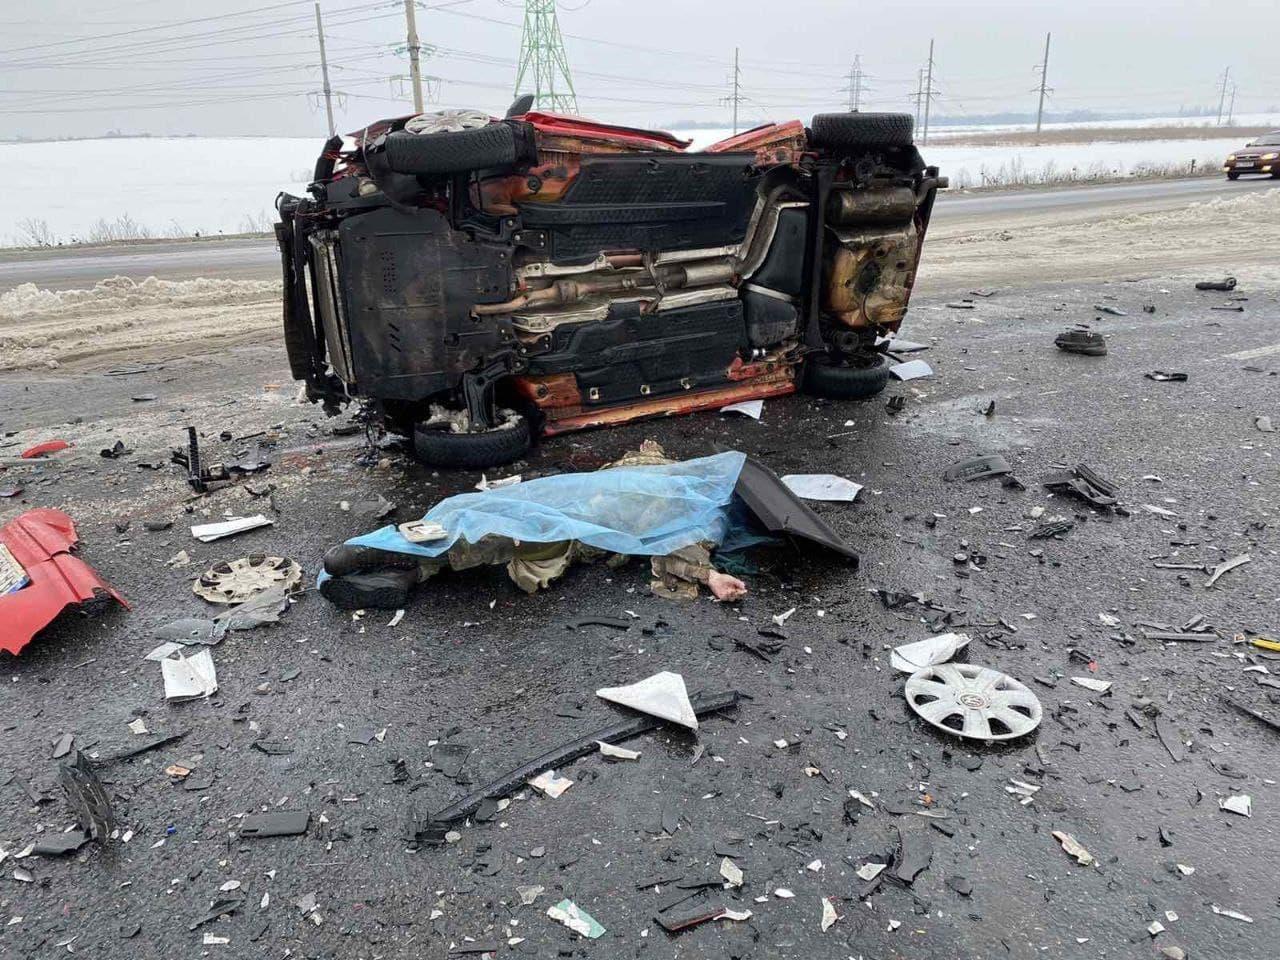 На трассе Киев-Чернигов произошло массовое ДТП: есть погибшие (ФОТО, ВИДЕО) - фото 3